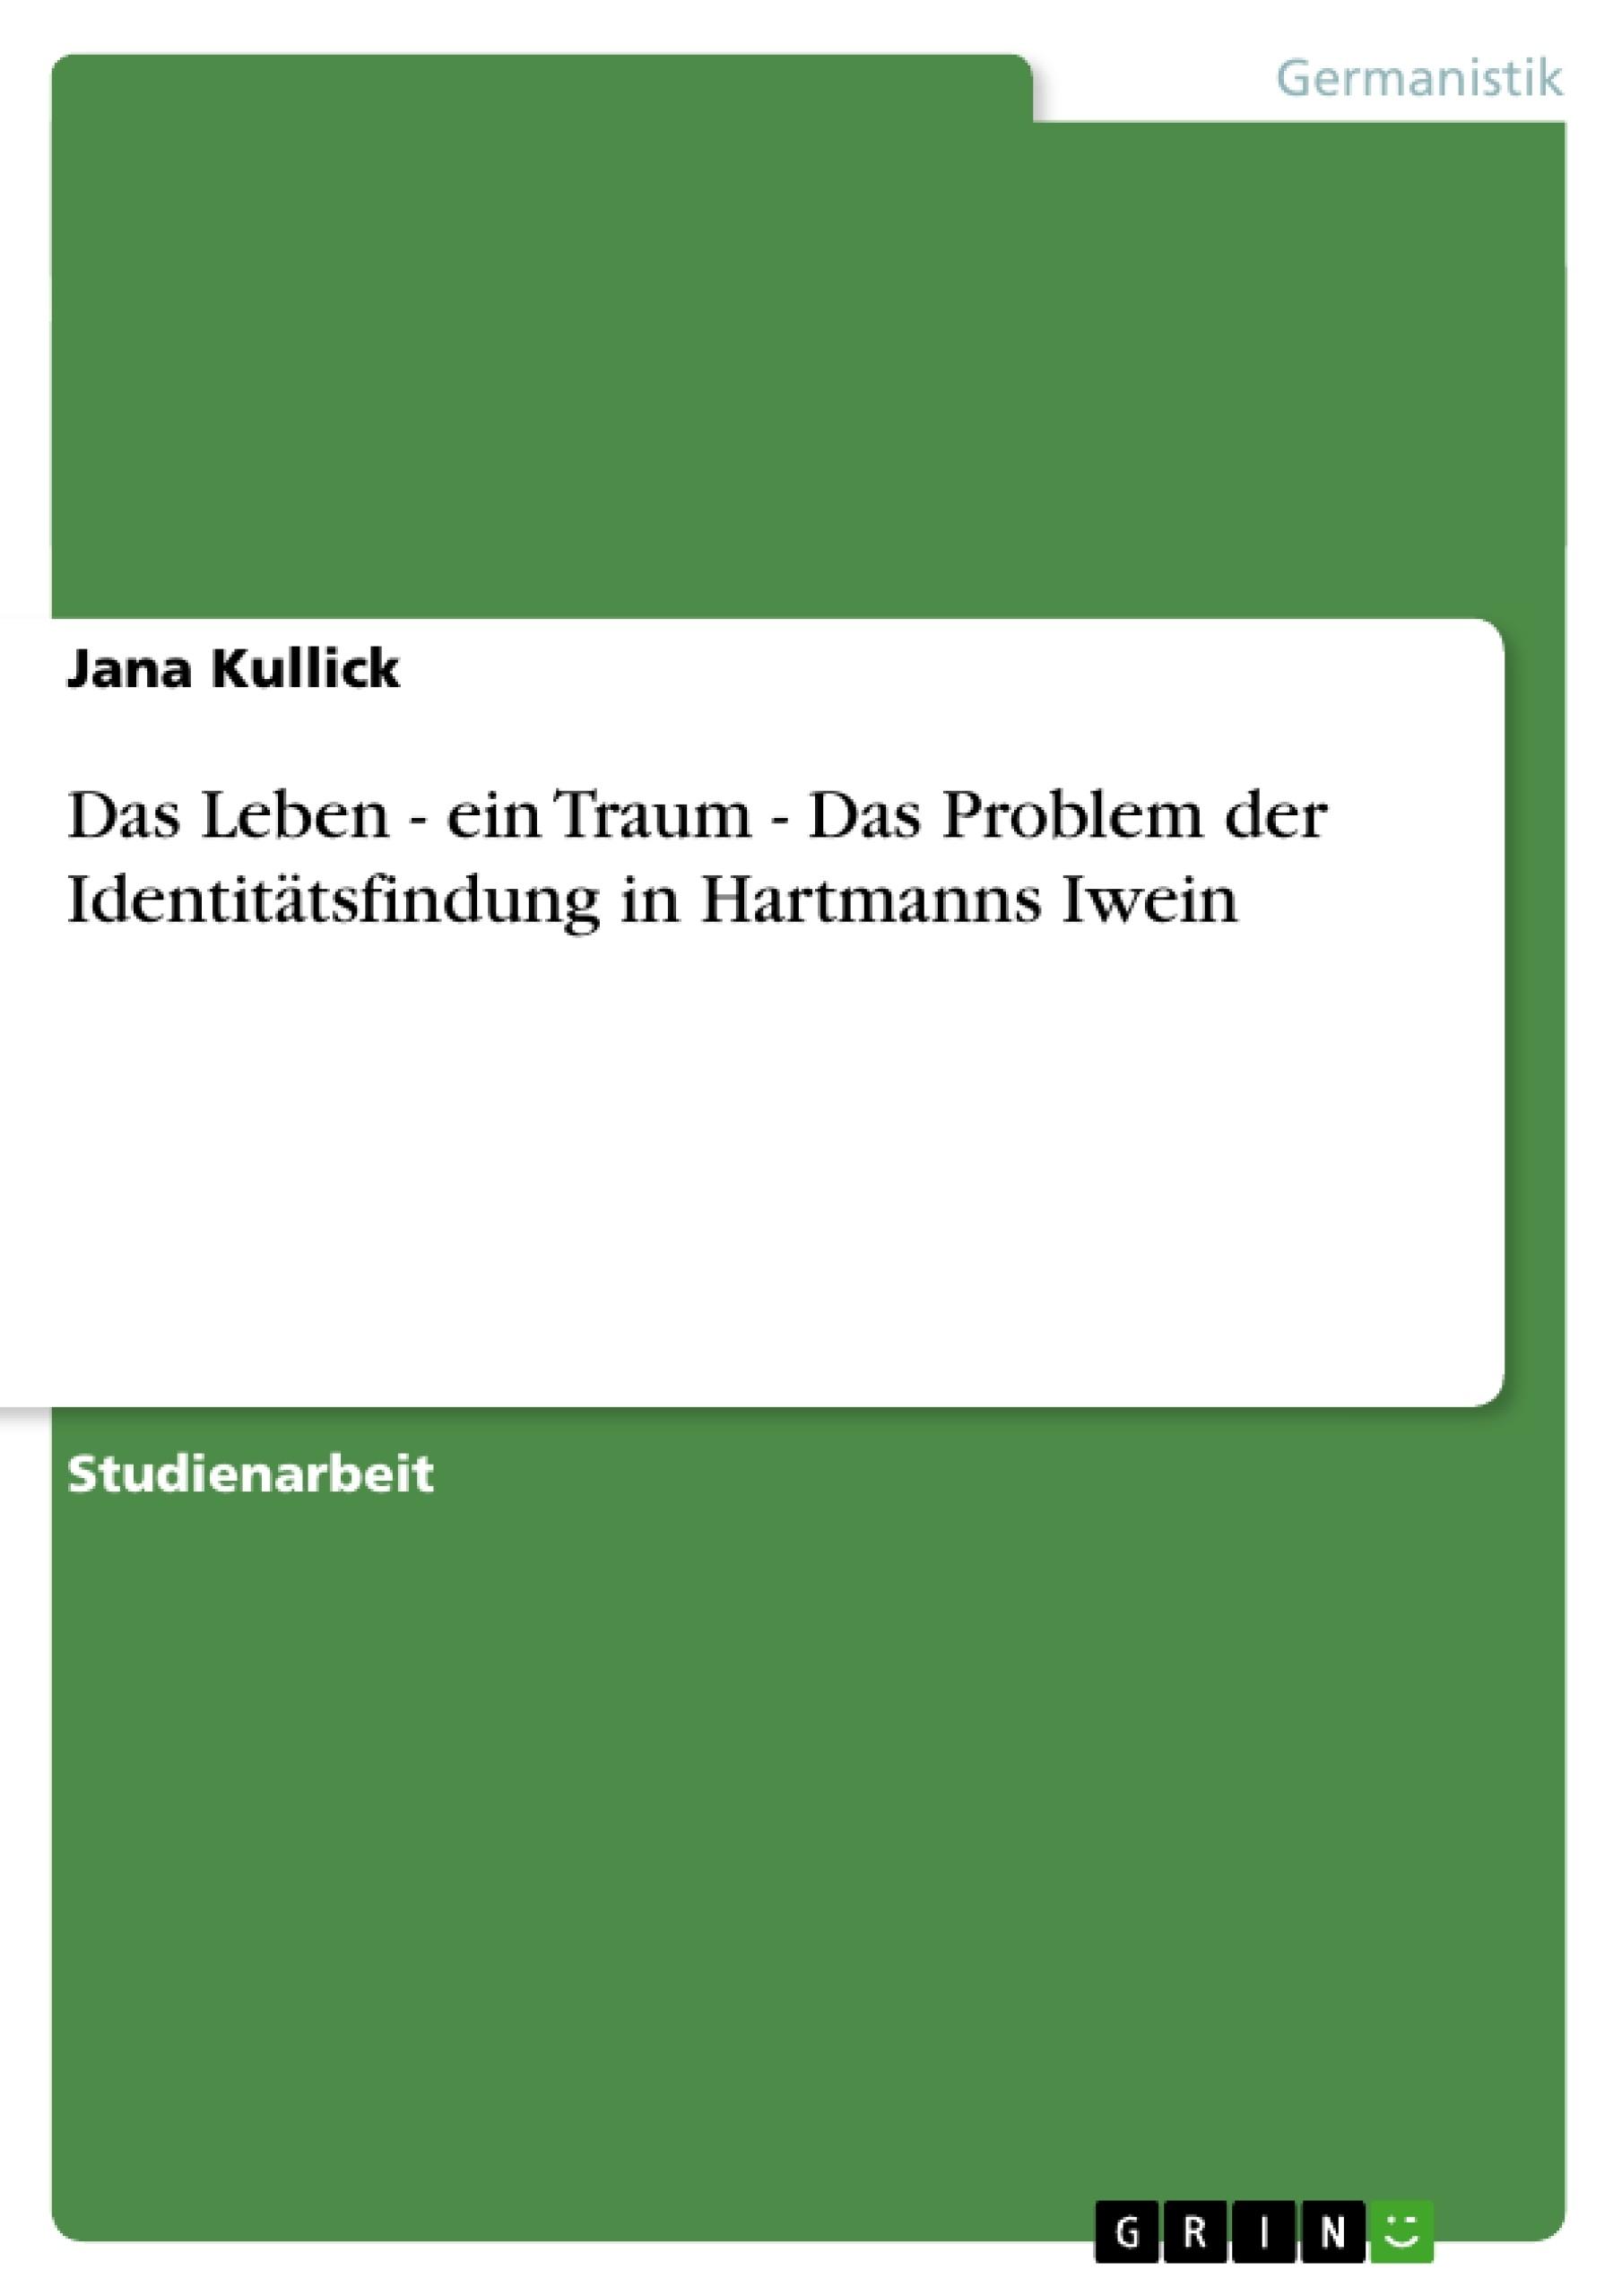 Titel: Das Leben - ein Traum - Das Problem der Identitätsfindung in Hartmanns Iwein